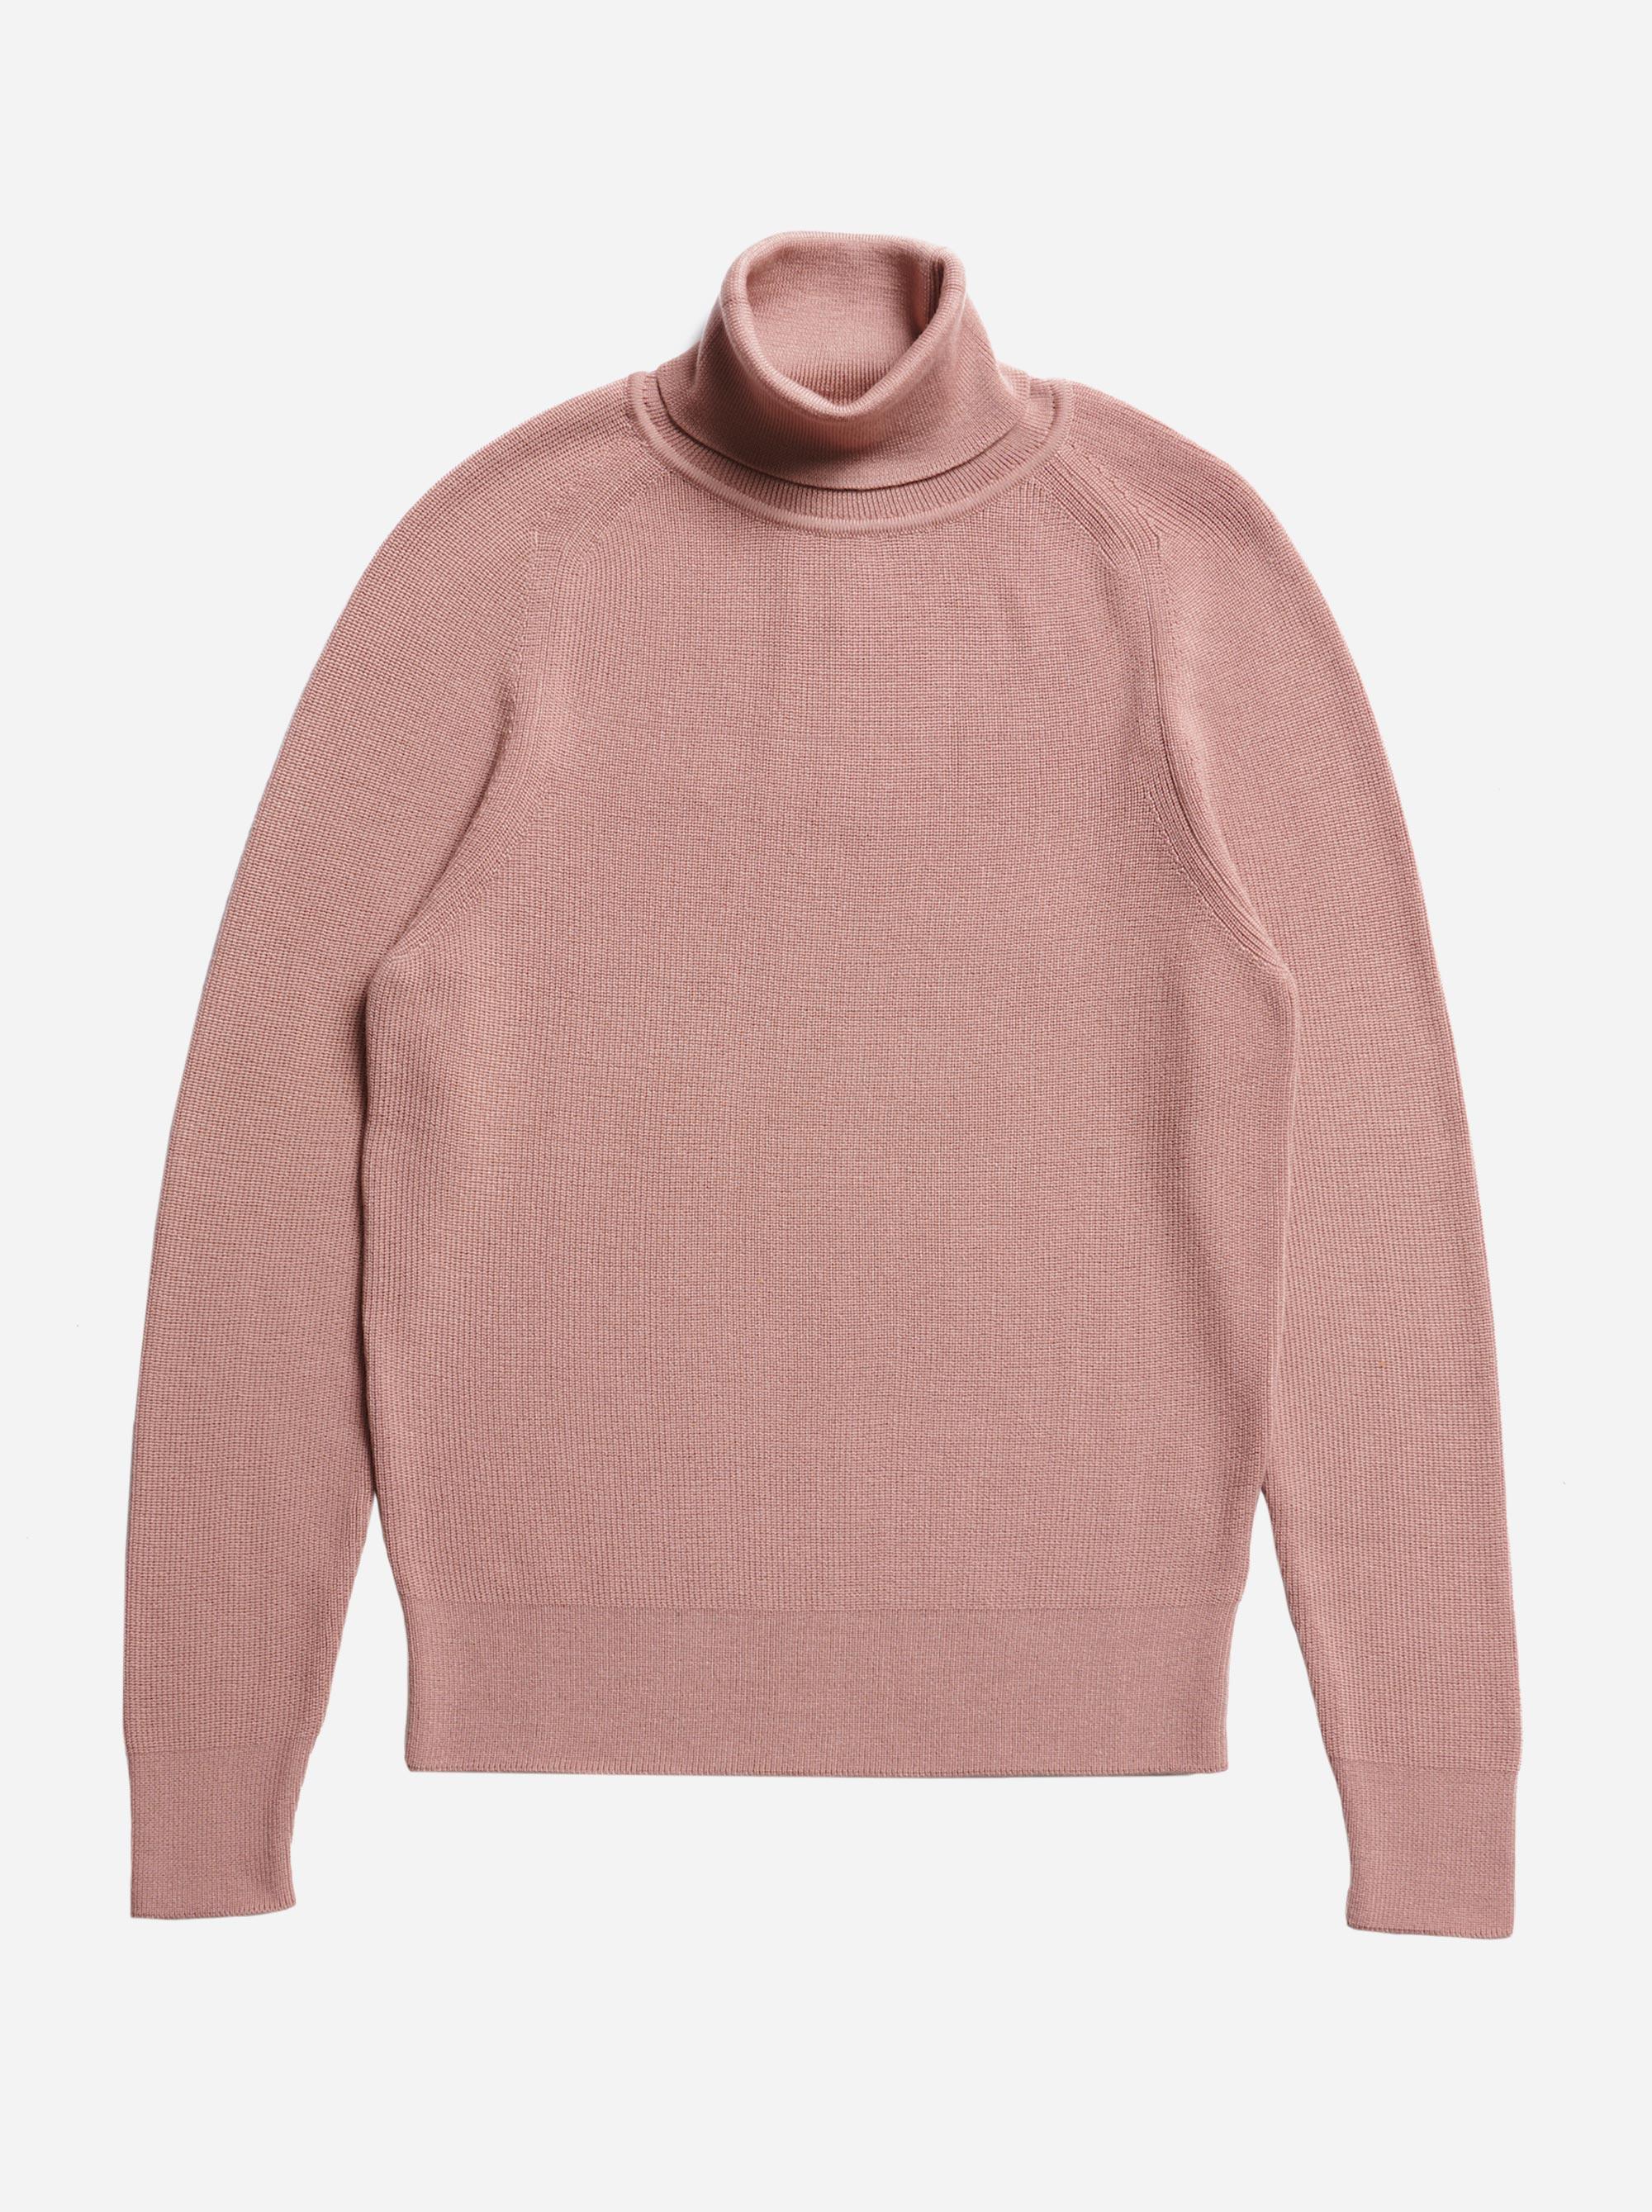 Teym - Turtleneck - The Merino Sweater - Men - Pink - 5